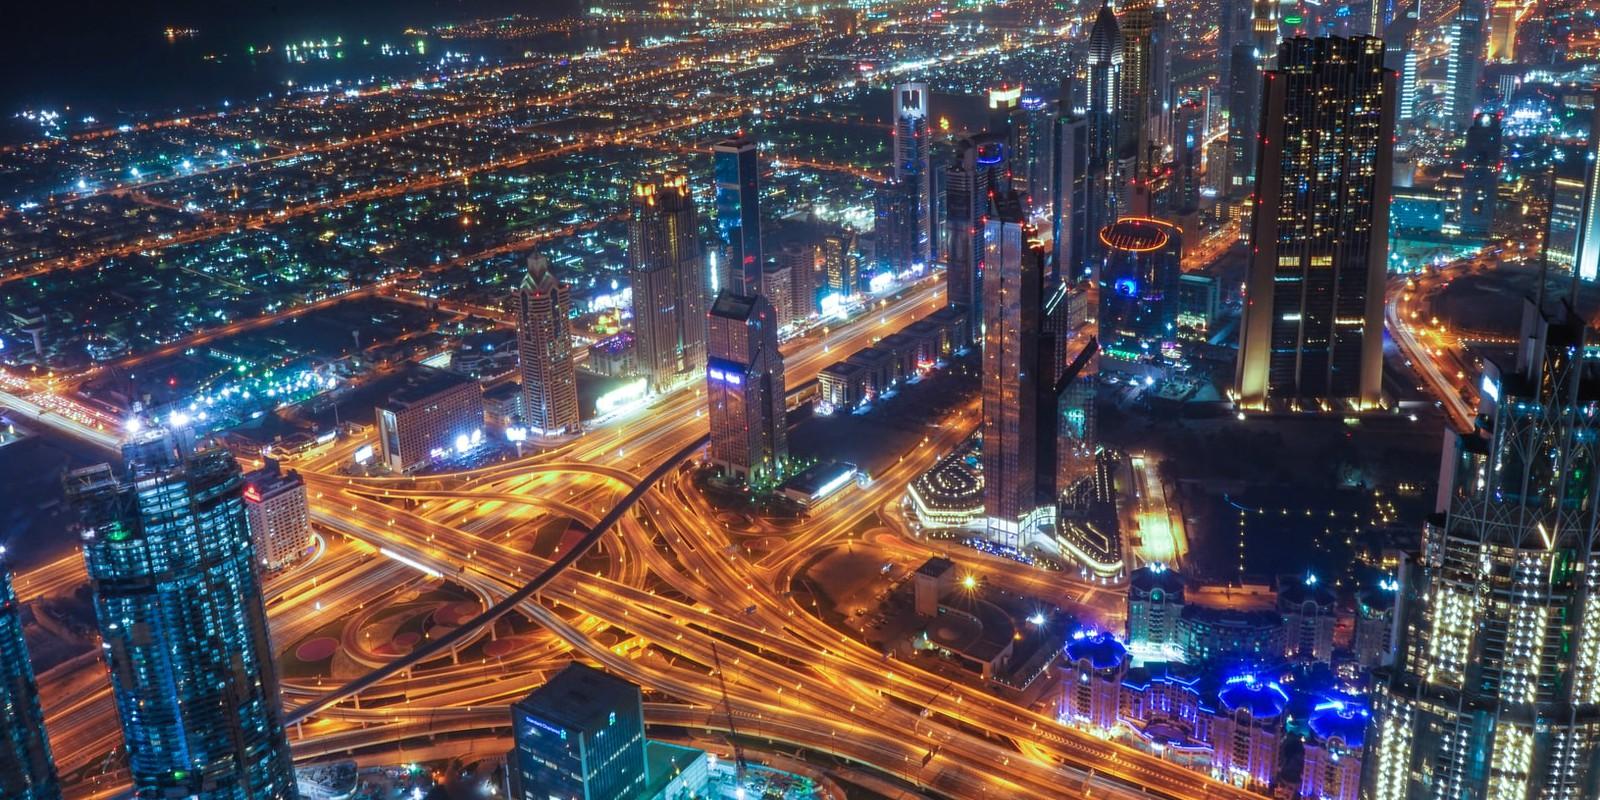 UAE, Dubai skyline by night